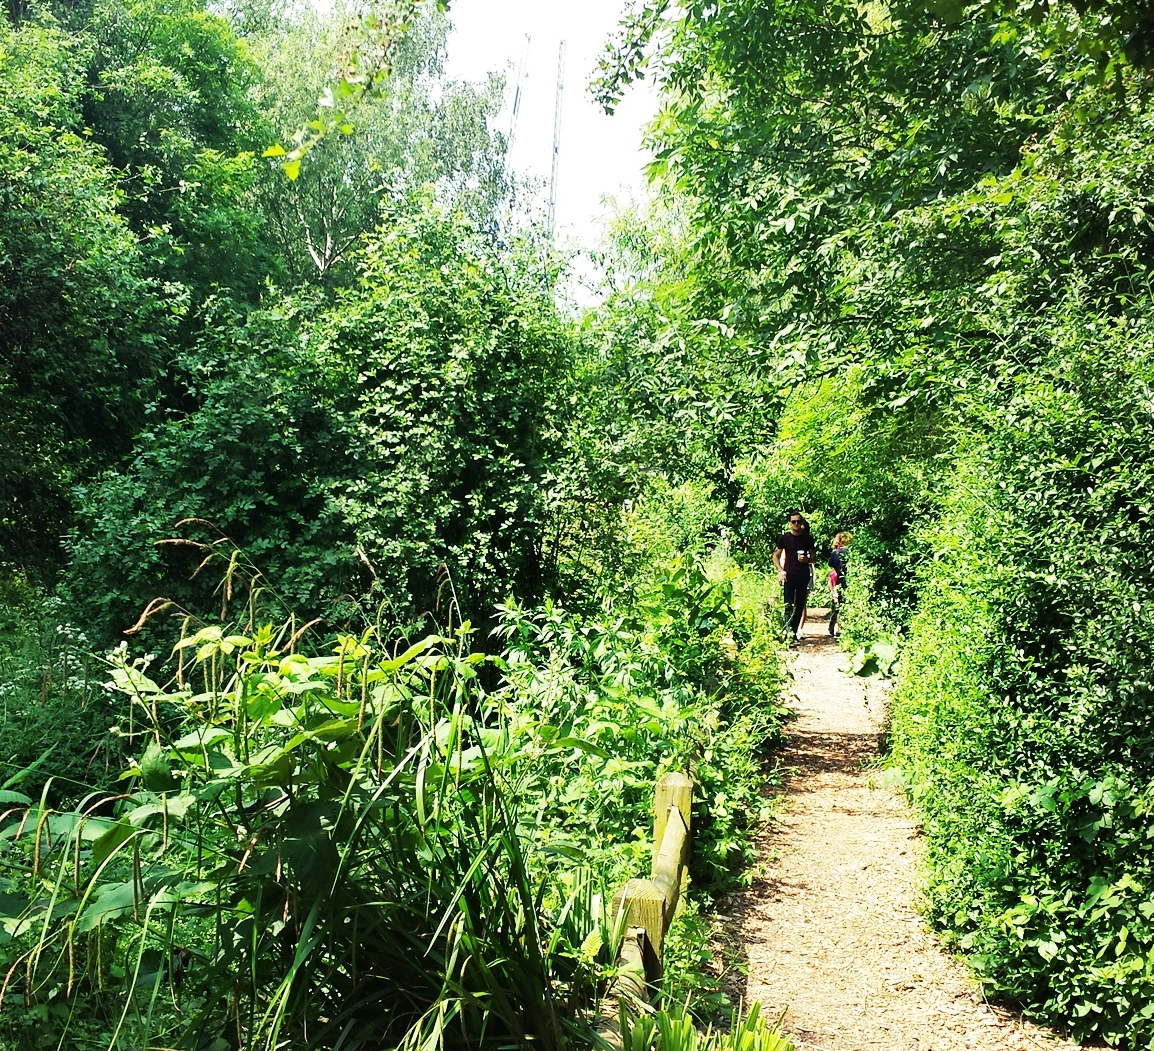 camley park